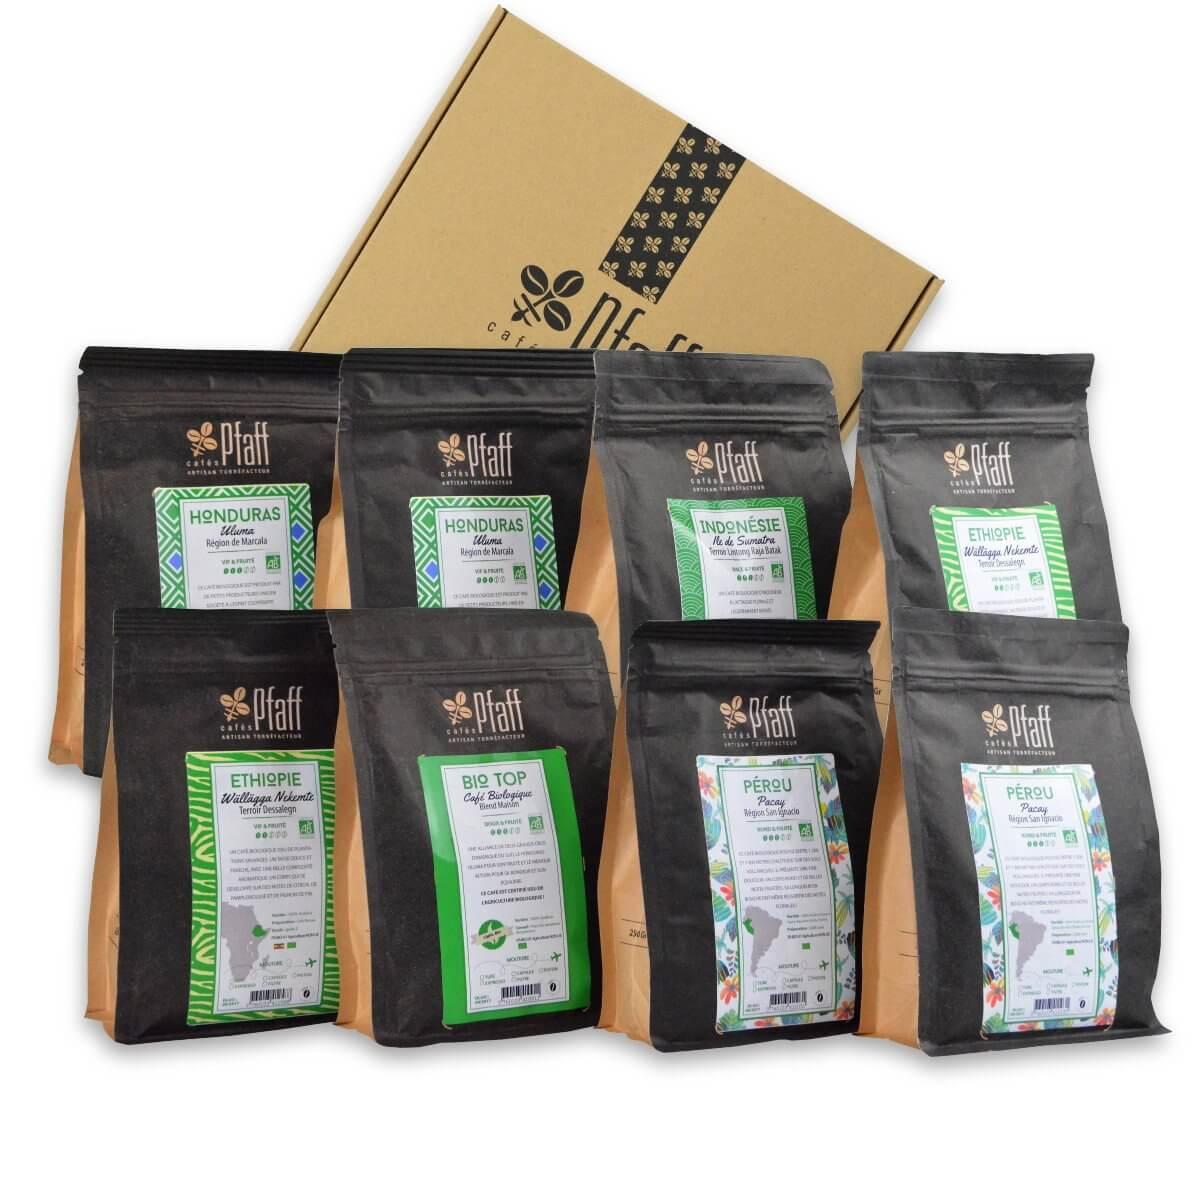 Coffret : Nos 8 cafés biologiques - 8x250 Gr